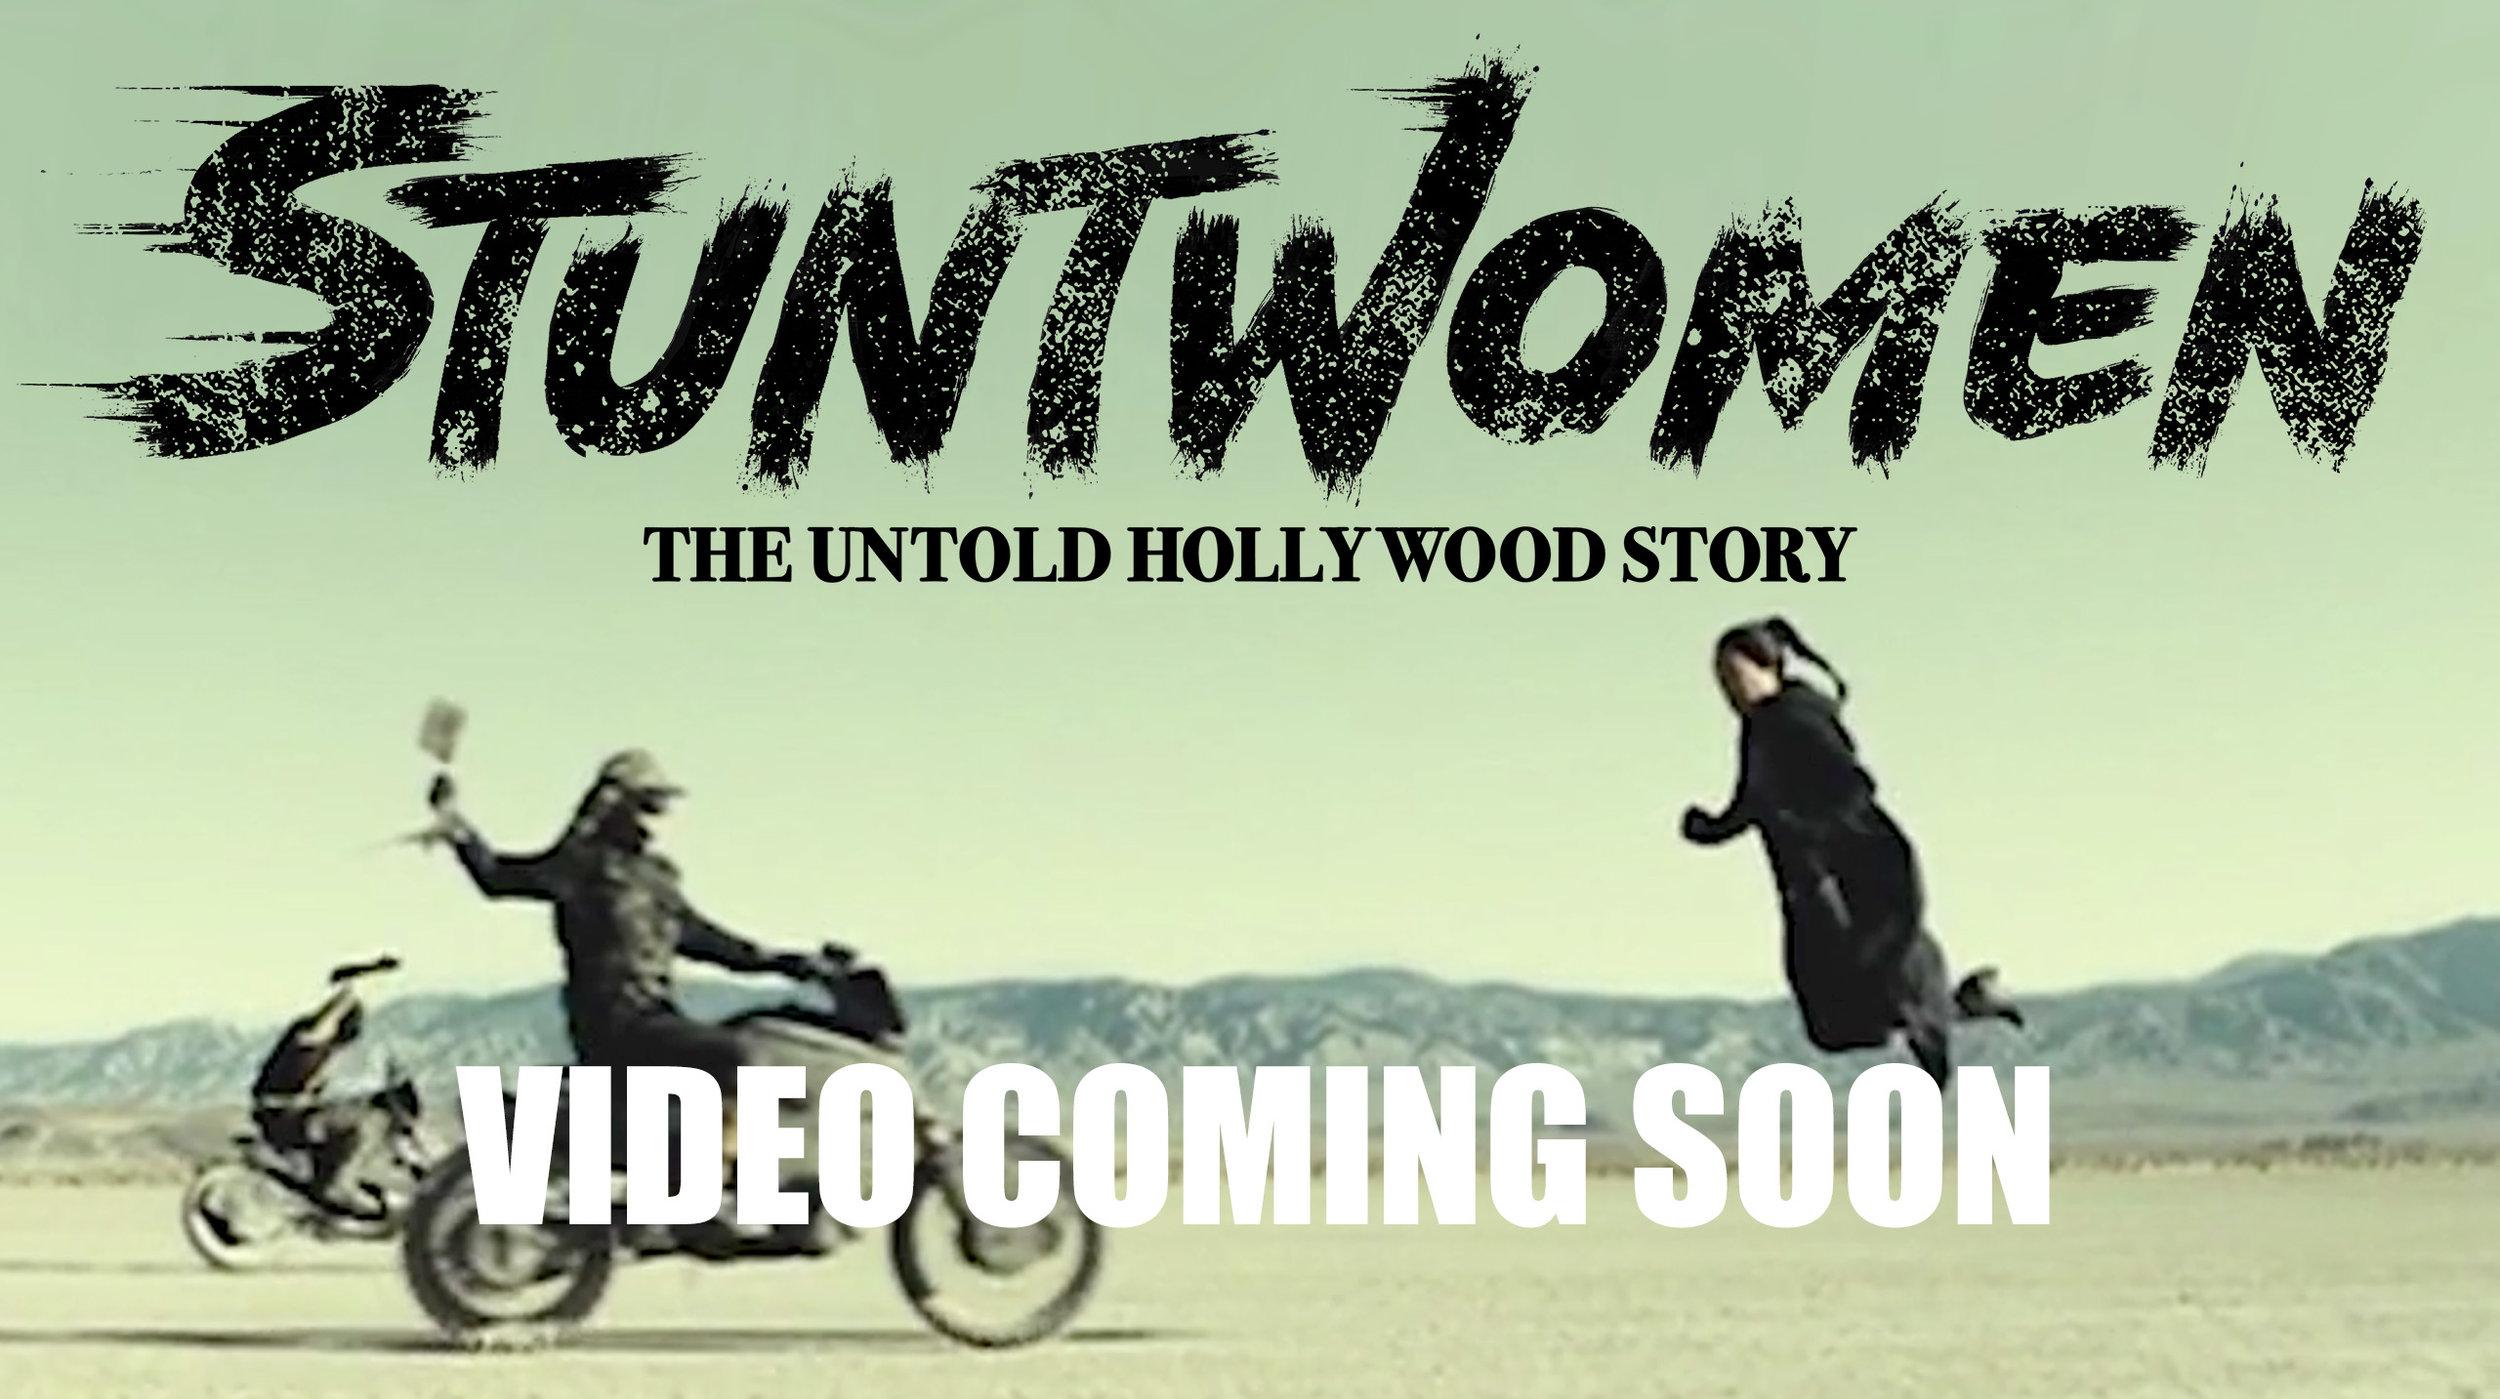 video_coming_soon.jpg